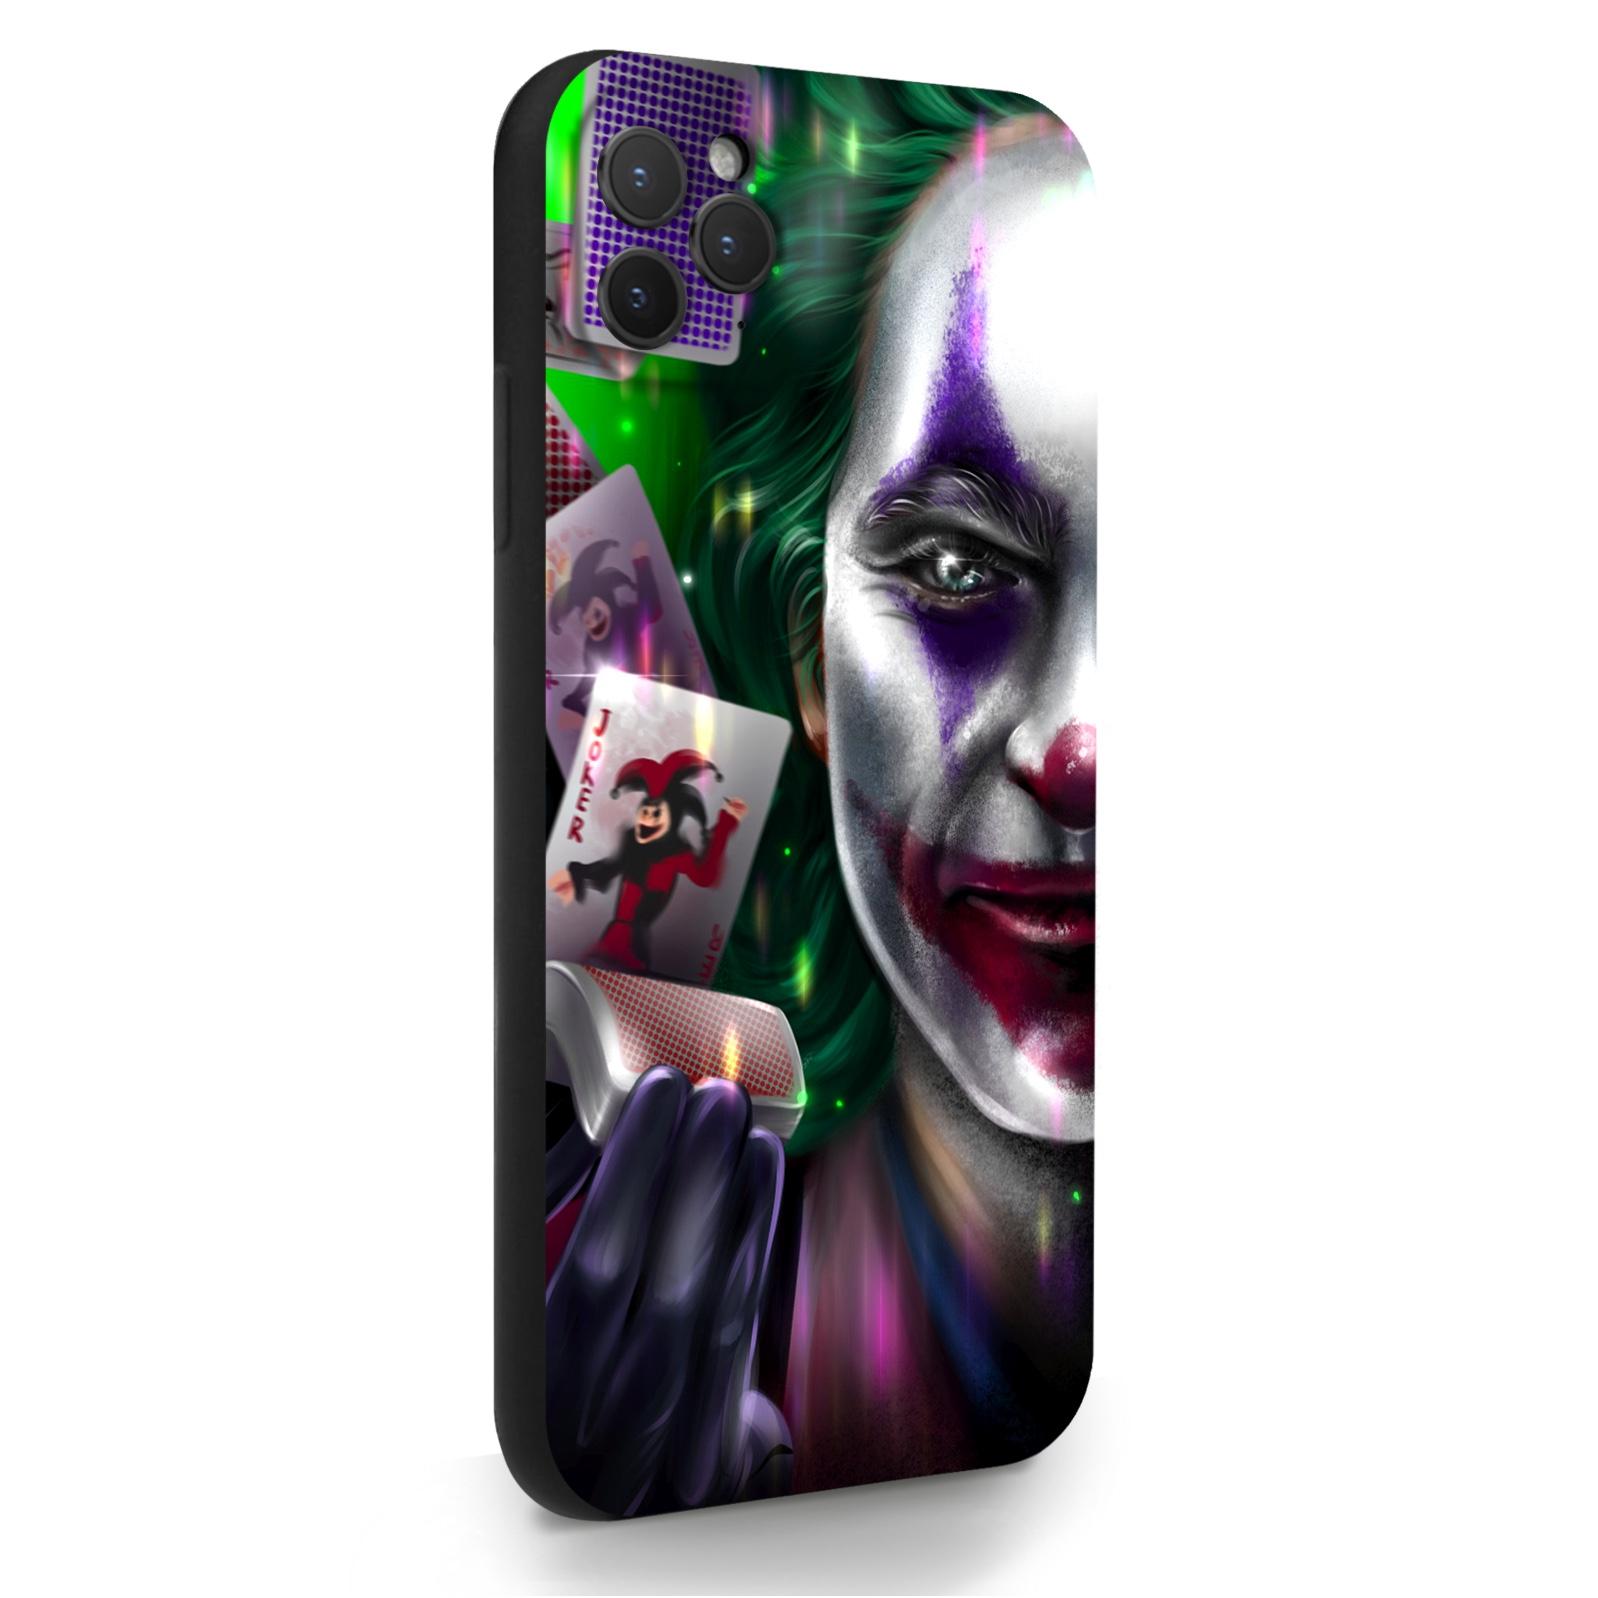 Черный силиконовый чехол для iPhone 11 Pro Max Joker/ Джокер для Айфон 11 Про Макс